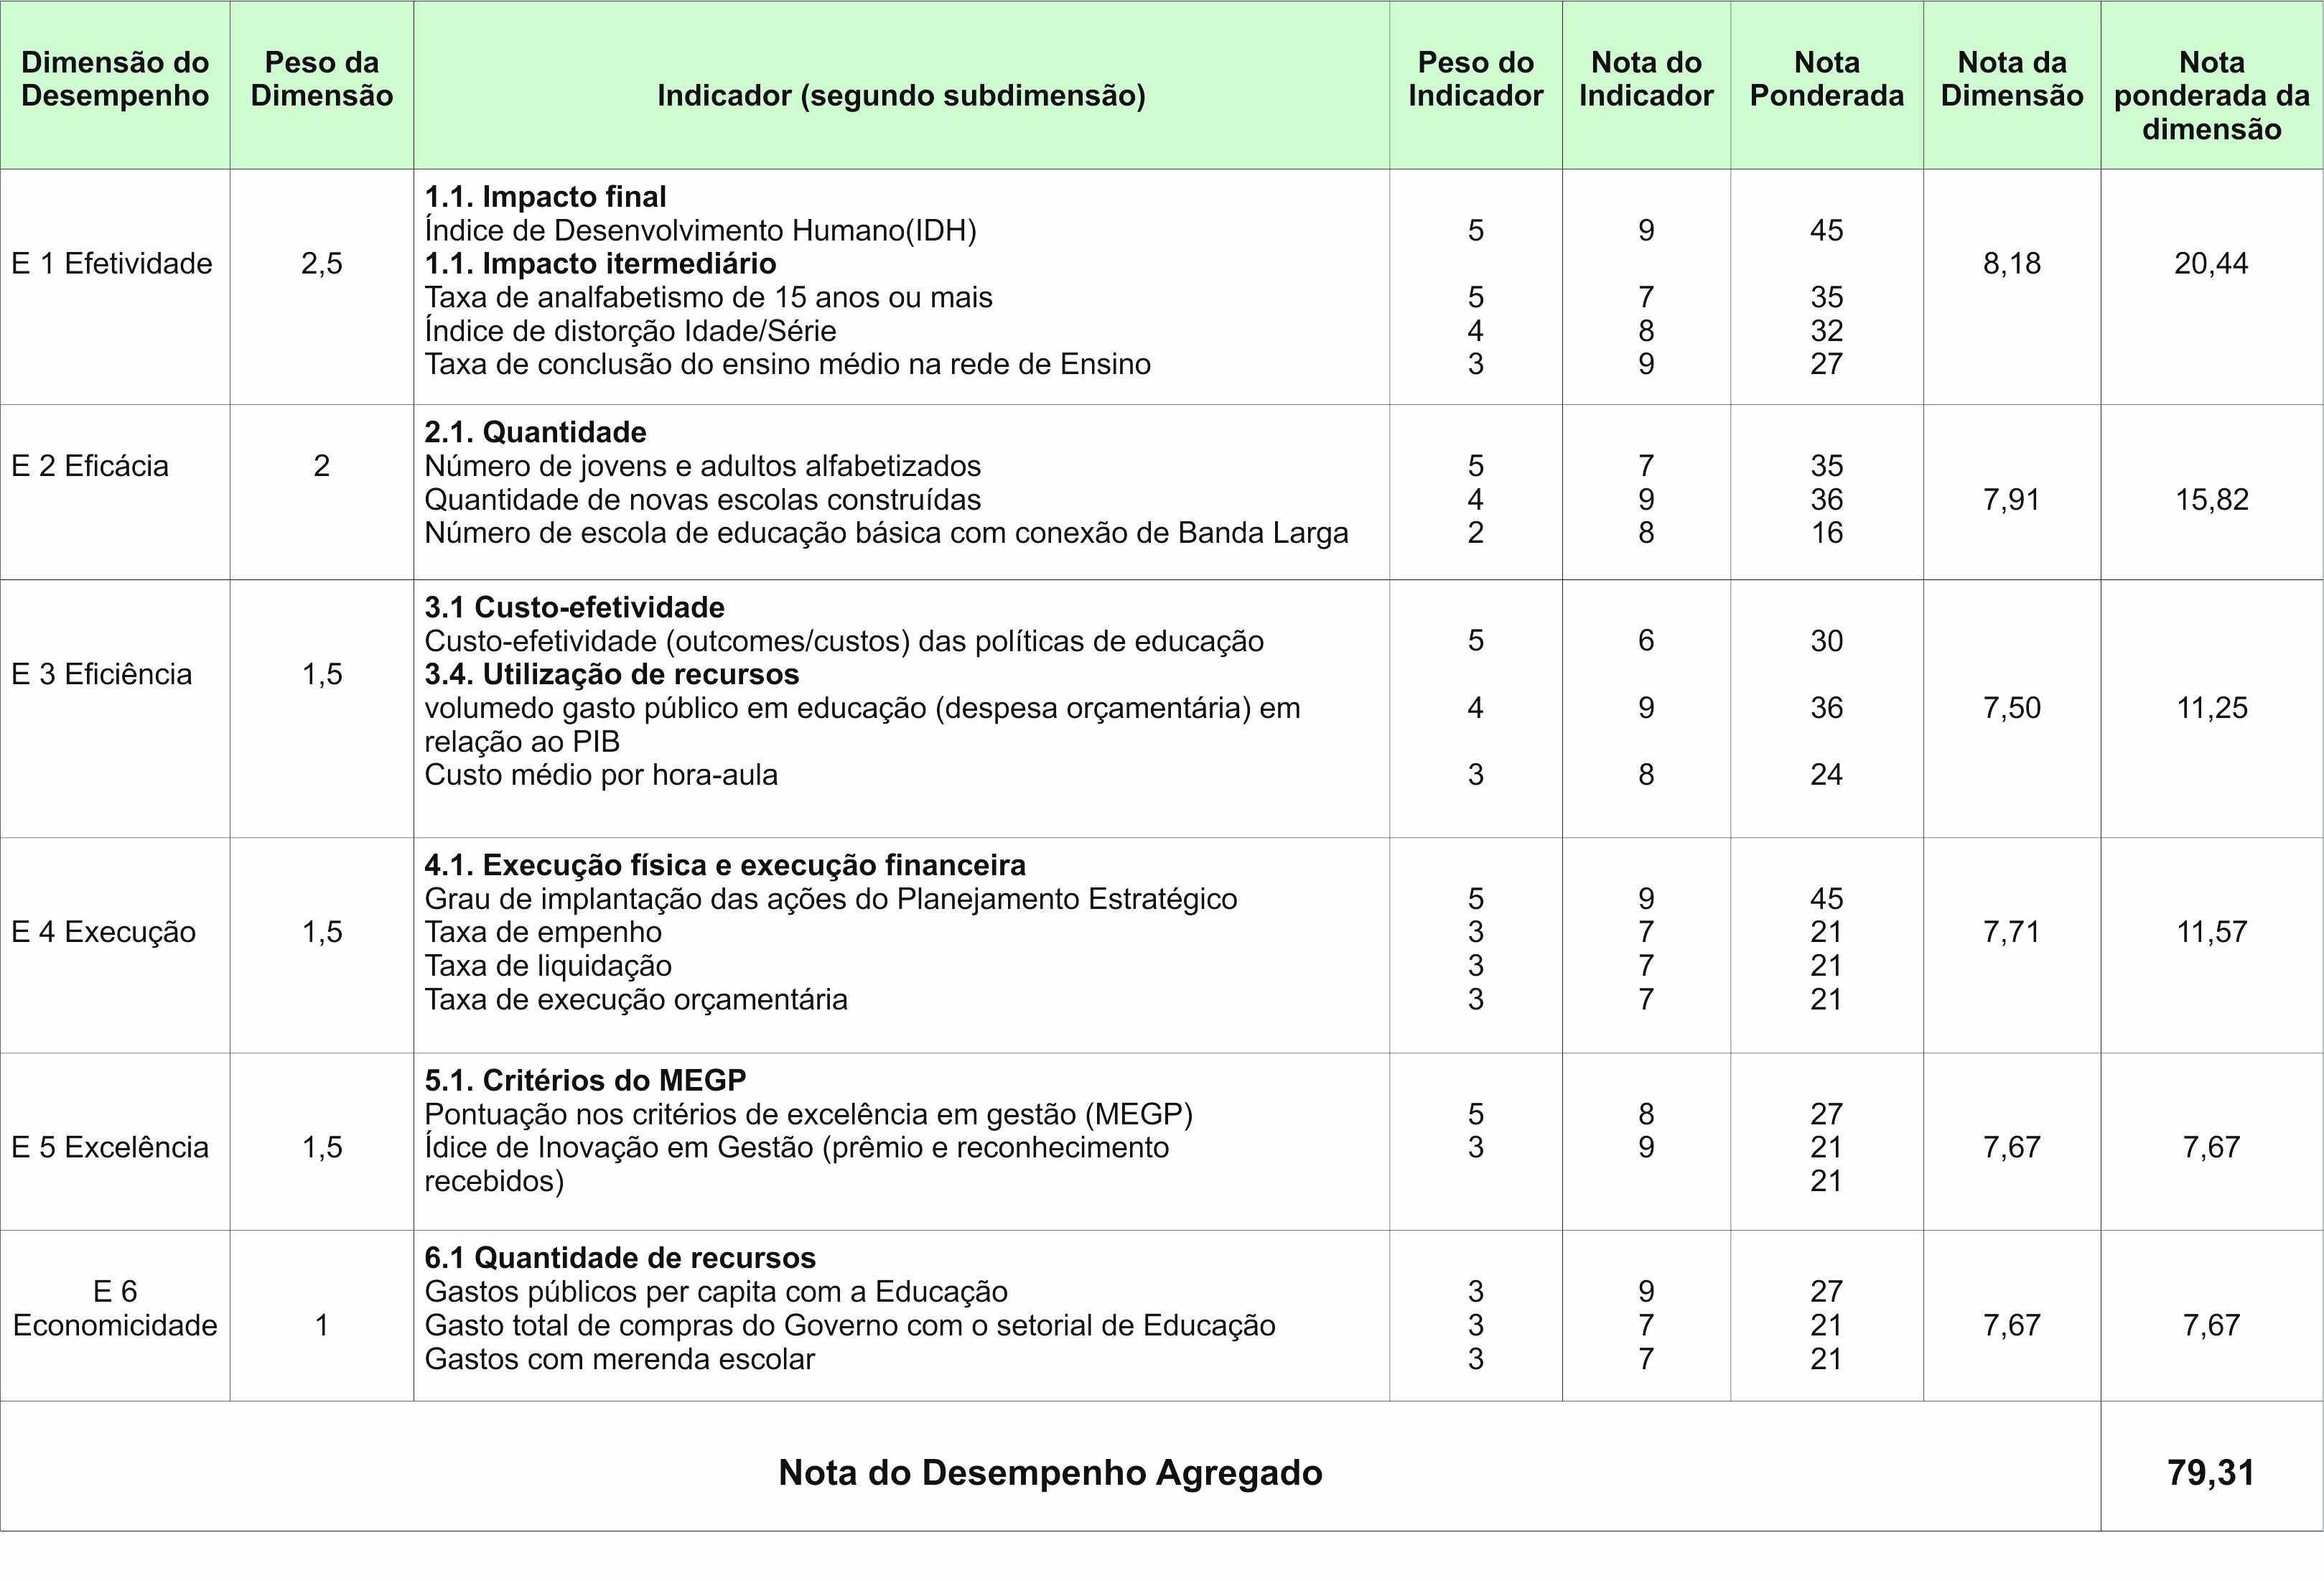 Quadro 5 -Modelo de ponderações e notas aplicadas aos indicadores. Fonte: Guia referencial para medição do desempenho da gestão (Brasil, 2009).